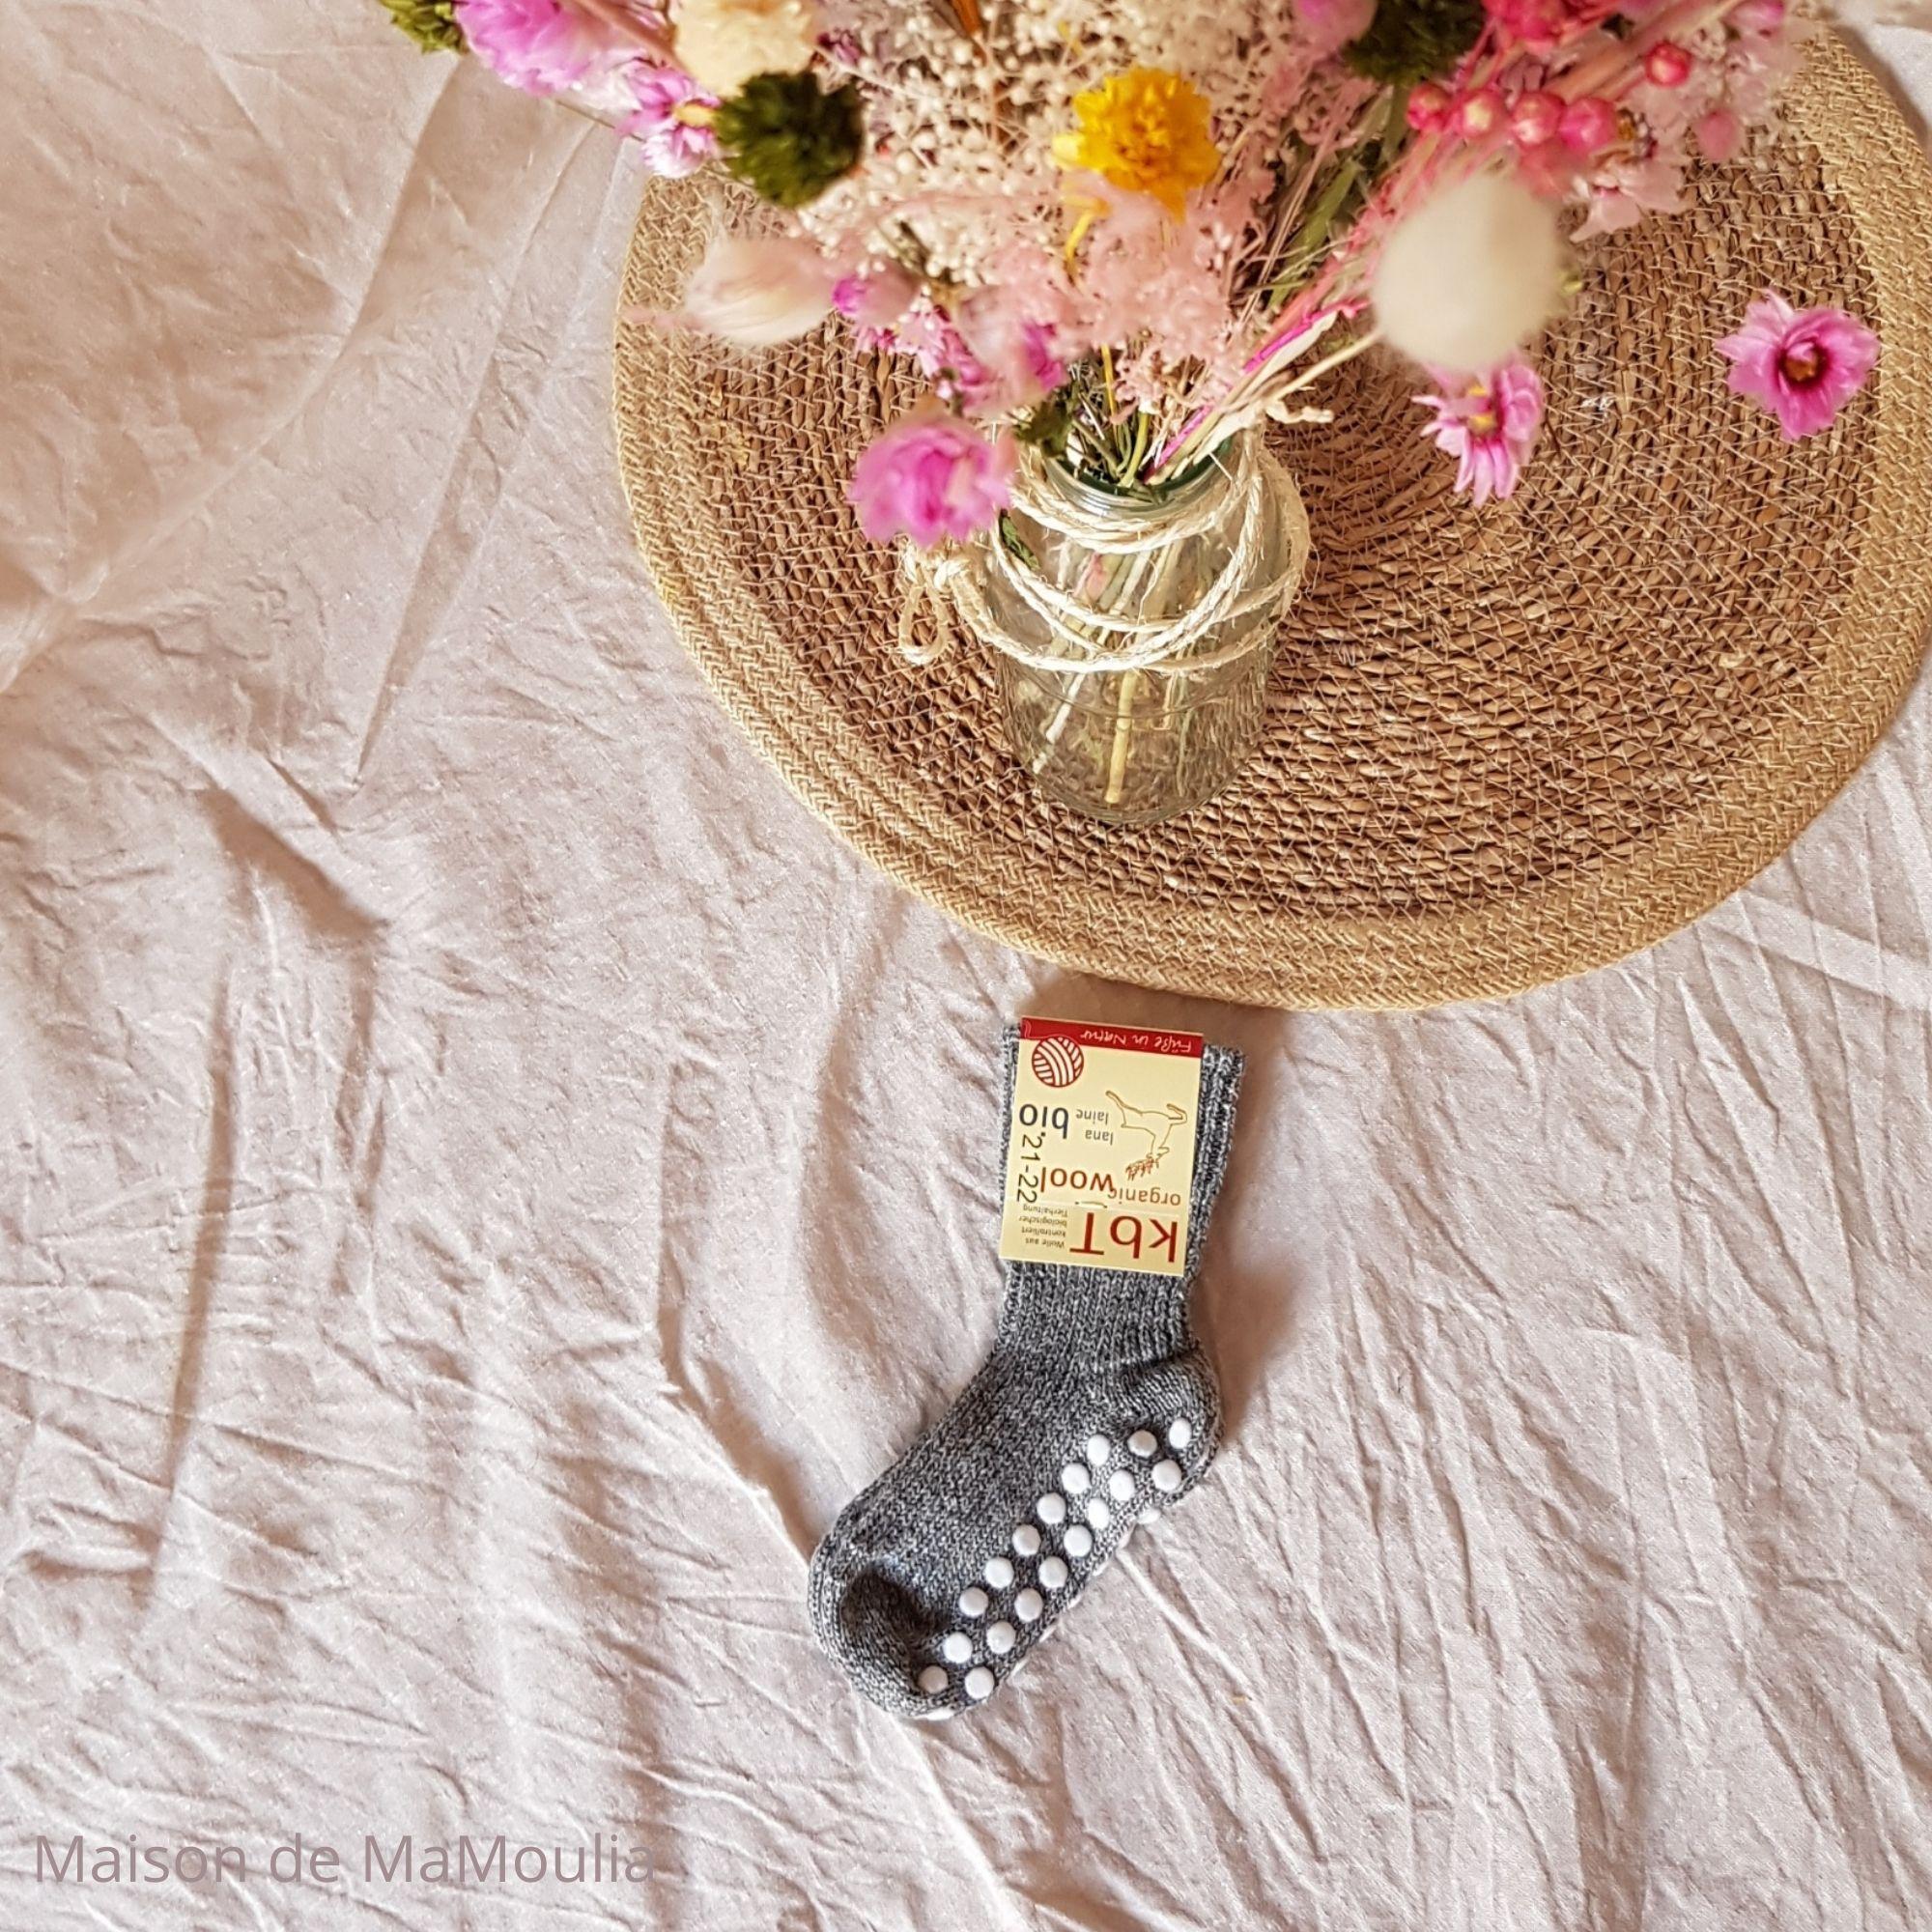 chaussettes-pure-laine-ecologique-hirsch-natur-bebe-enfant-maison-de-mamoulia-gris-antiderapantes